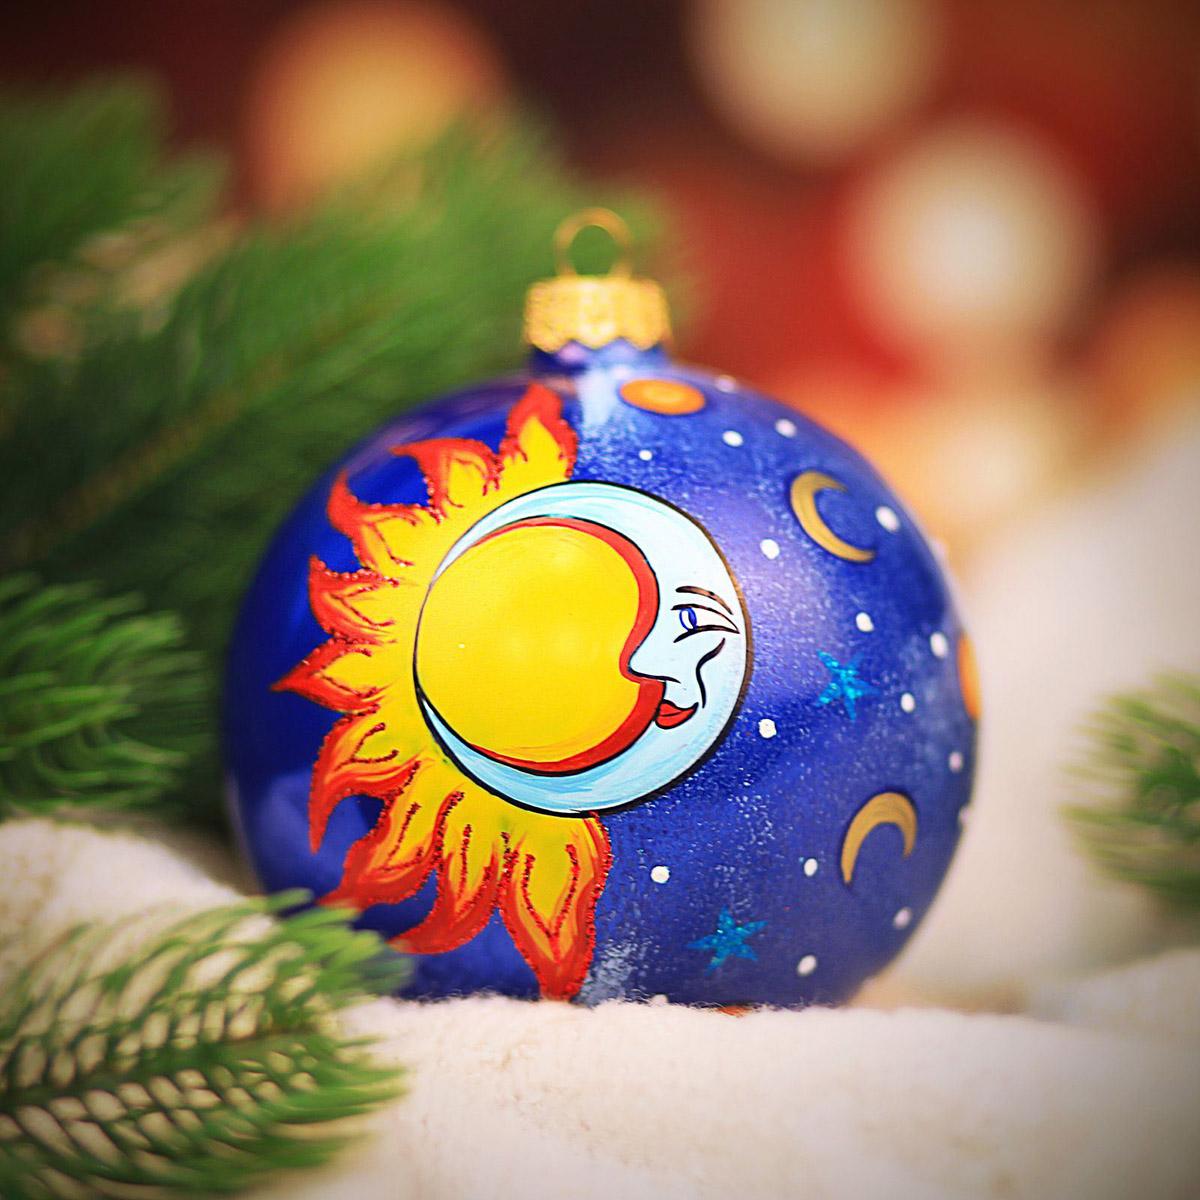 Новогоднее подвесное украшение Hanco Design Солнце и луна, высота 10 см106325Новогоднее украшение Hanco Design отлично подойдет для декорации вашего дома и новогодней ели. Елочная игрушка - символ Нового года. Она несет в себе волшебство и красоту праздника. Такое украшение создаст в вашем доме атмосферу праздника, веселья и радости.